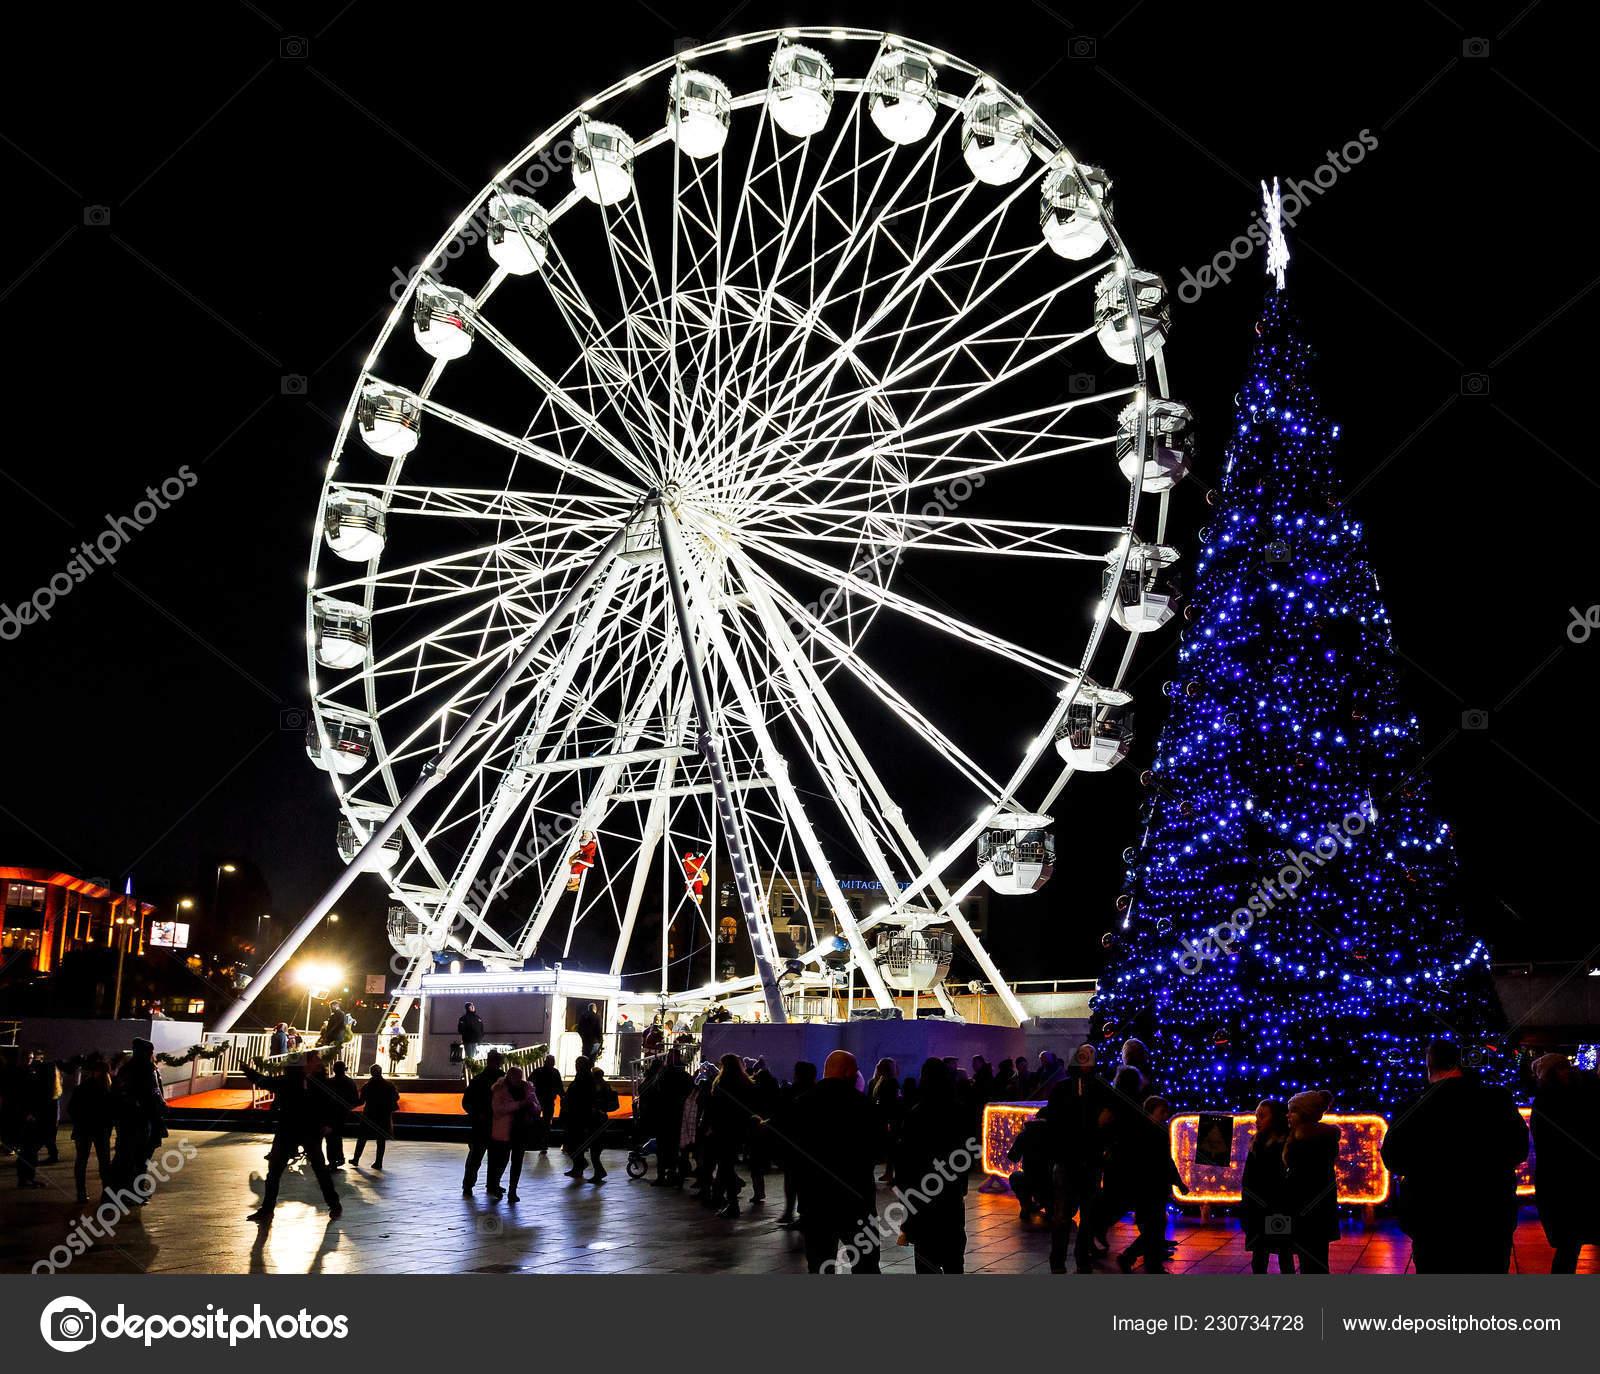 Weihnachtsbaum England.Riesige Outdoor Beleuchtete Weihnachtsbaum Mit Riesenrad Hintergrund